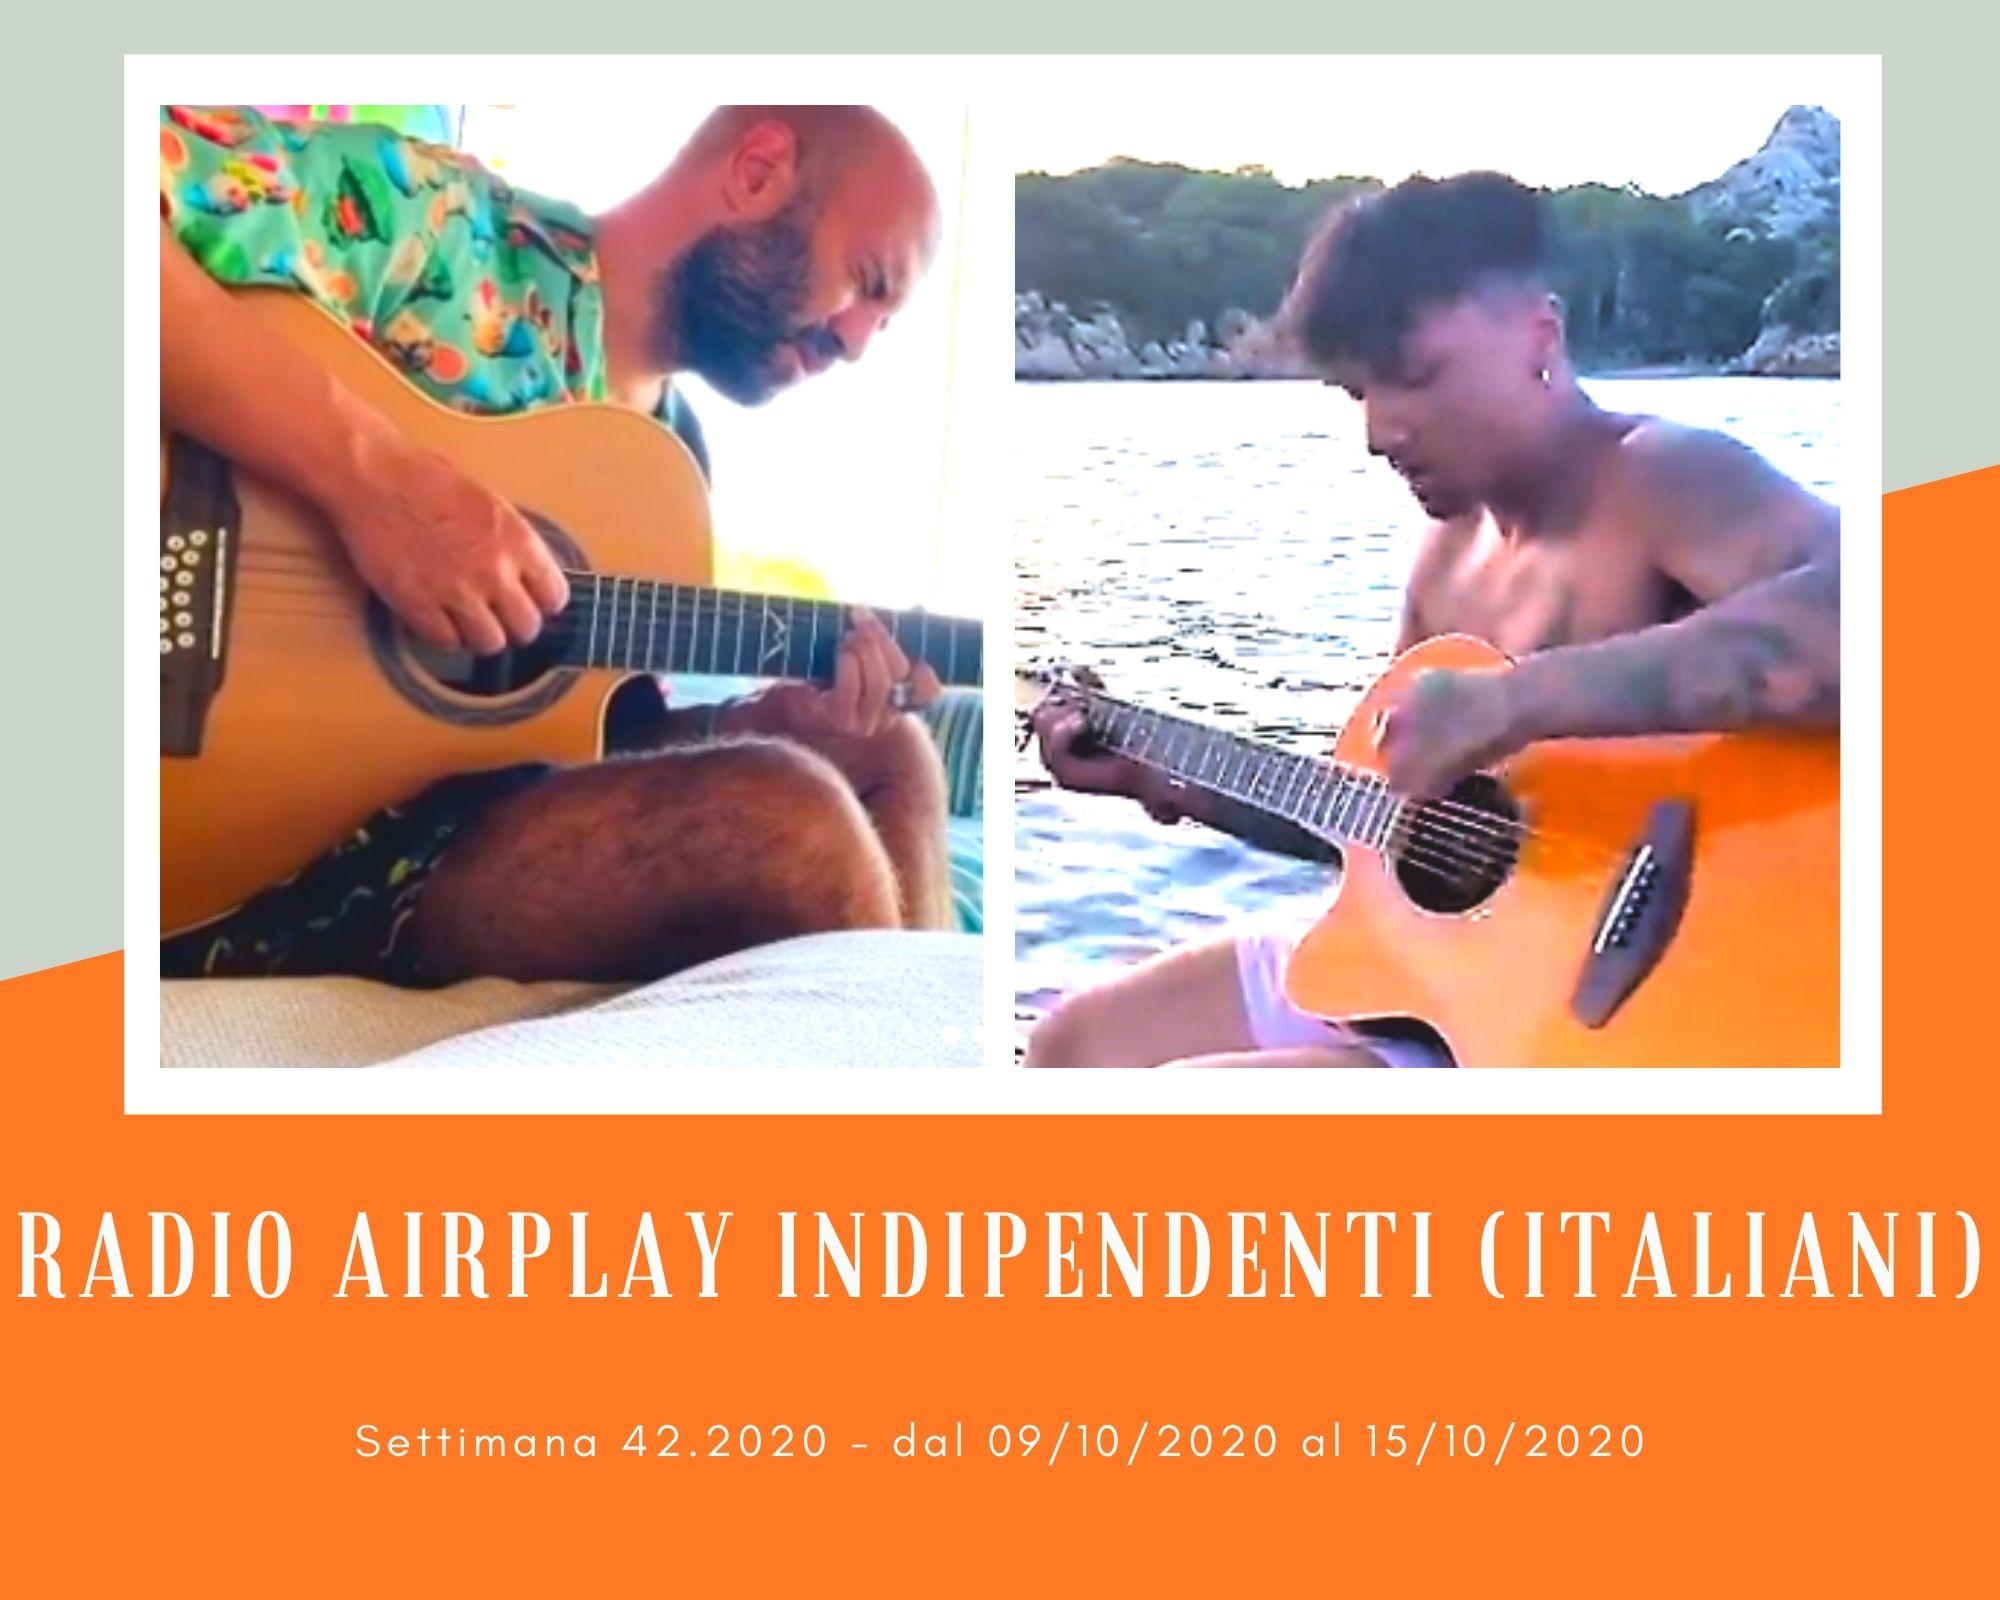 Classifica RADIO AIRPLAY Indipendenti Italiani, week 42: Sfida giallorossa Roma-Lecce. I Negramaro scippano la vetta a Ultimo